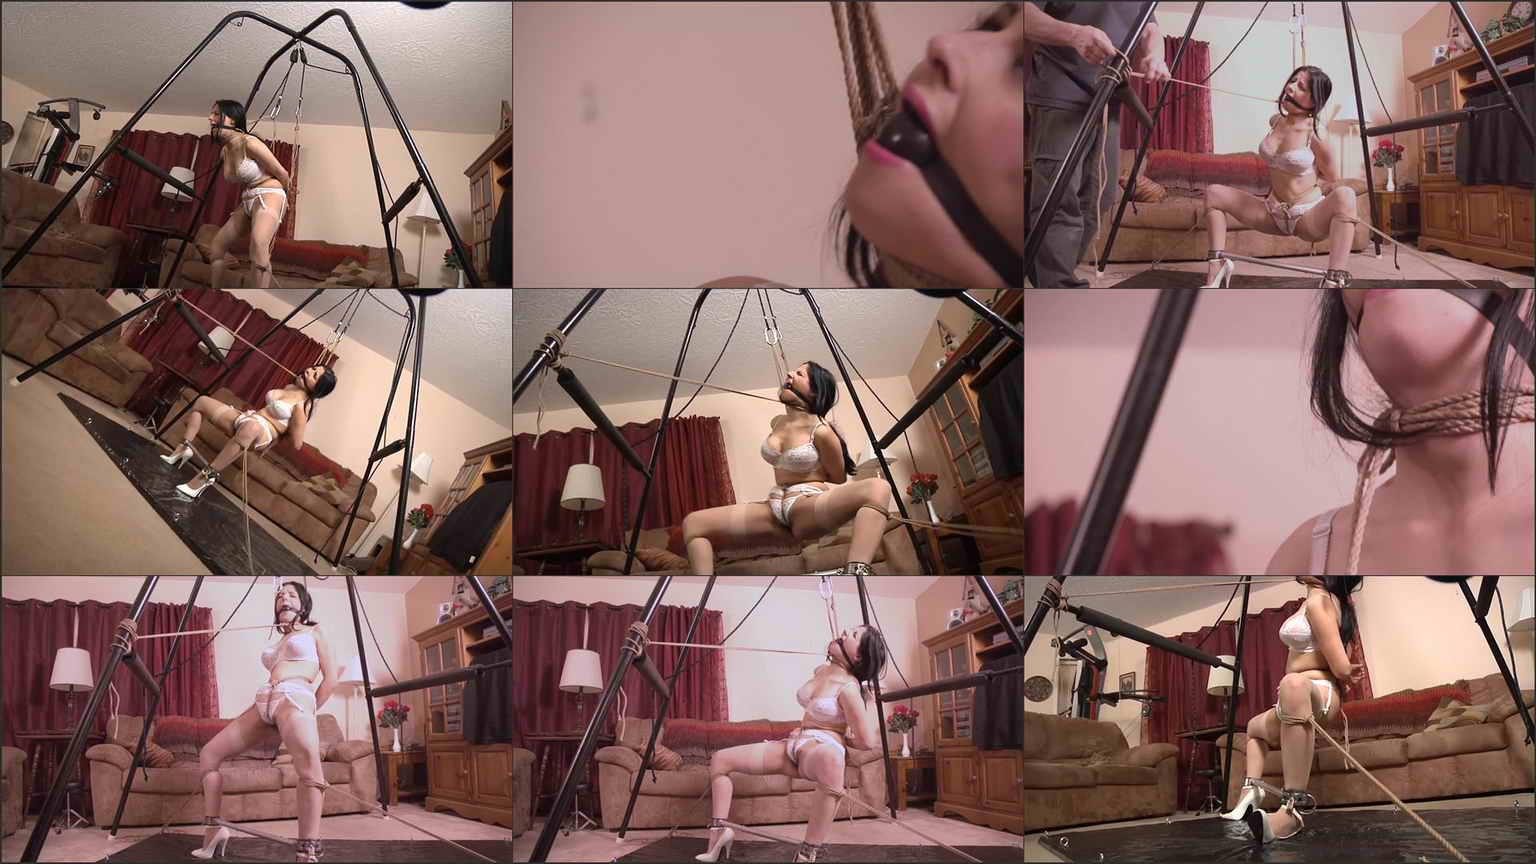 Pain slut in predicament bondage and suffering picture